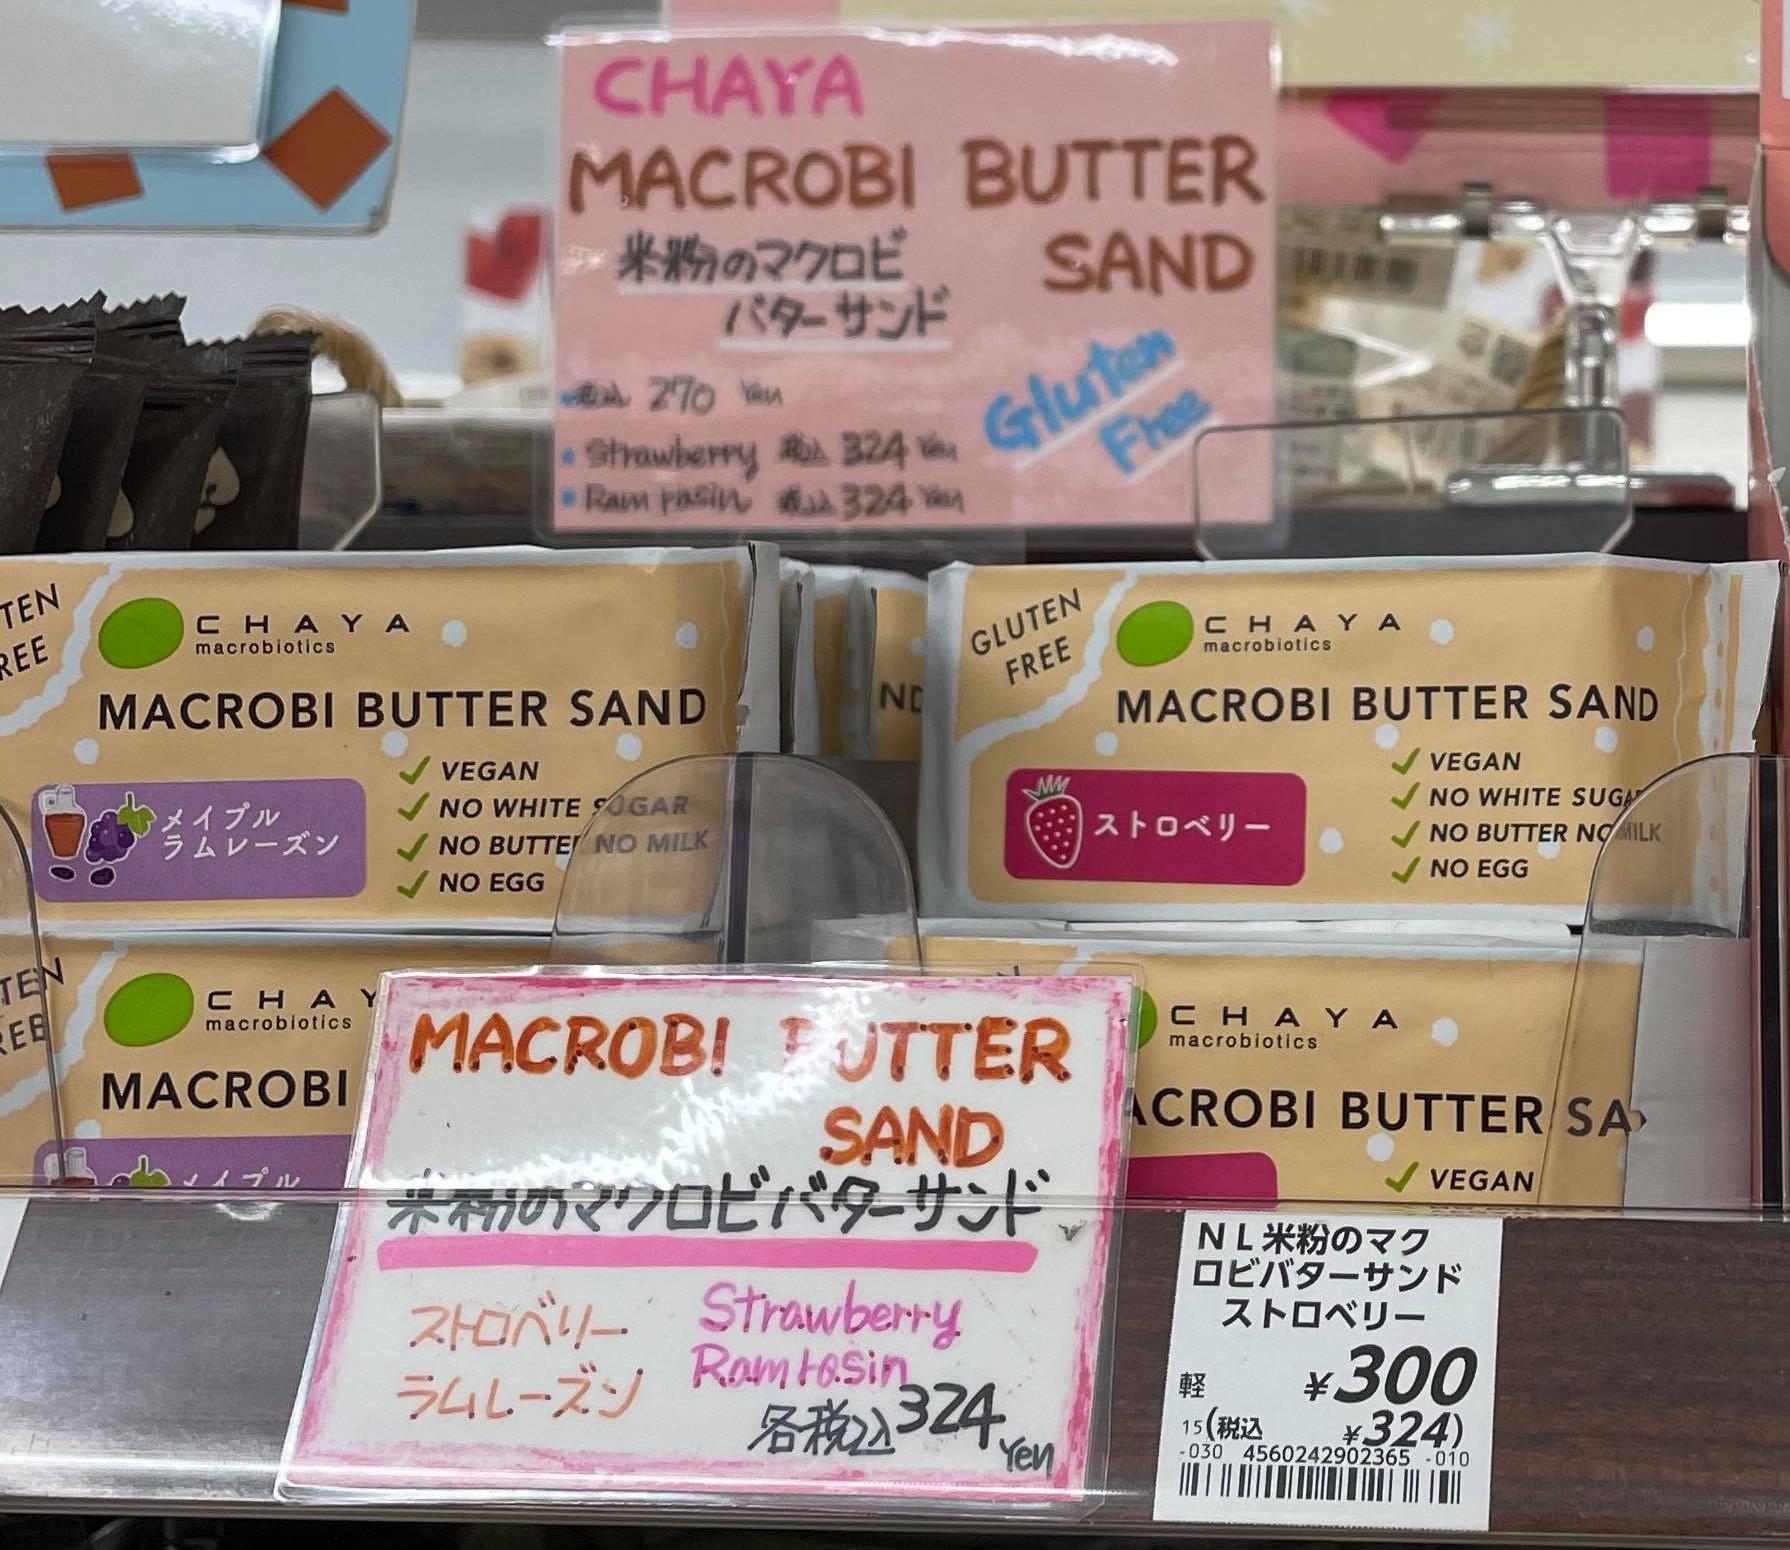 Chaya Macrobiotics Macrobi Butter Sand Maple Rum Raisin & Strawberry